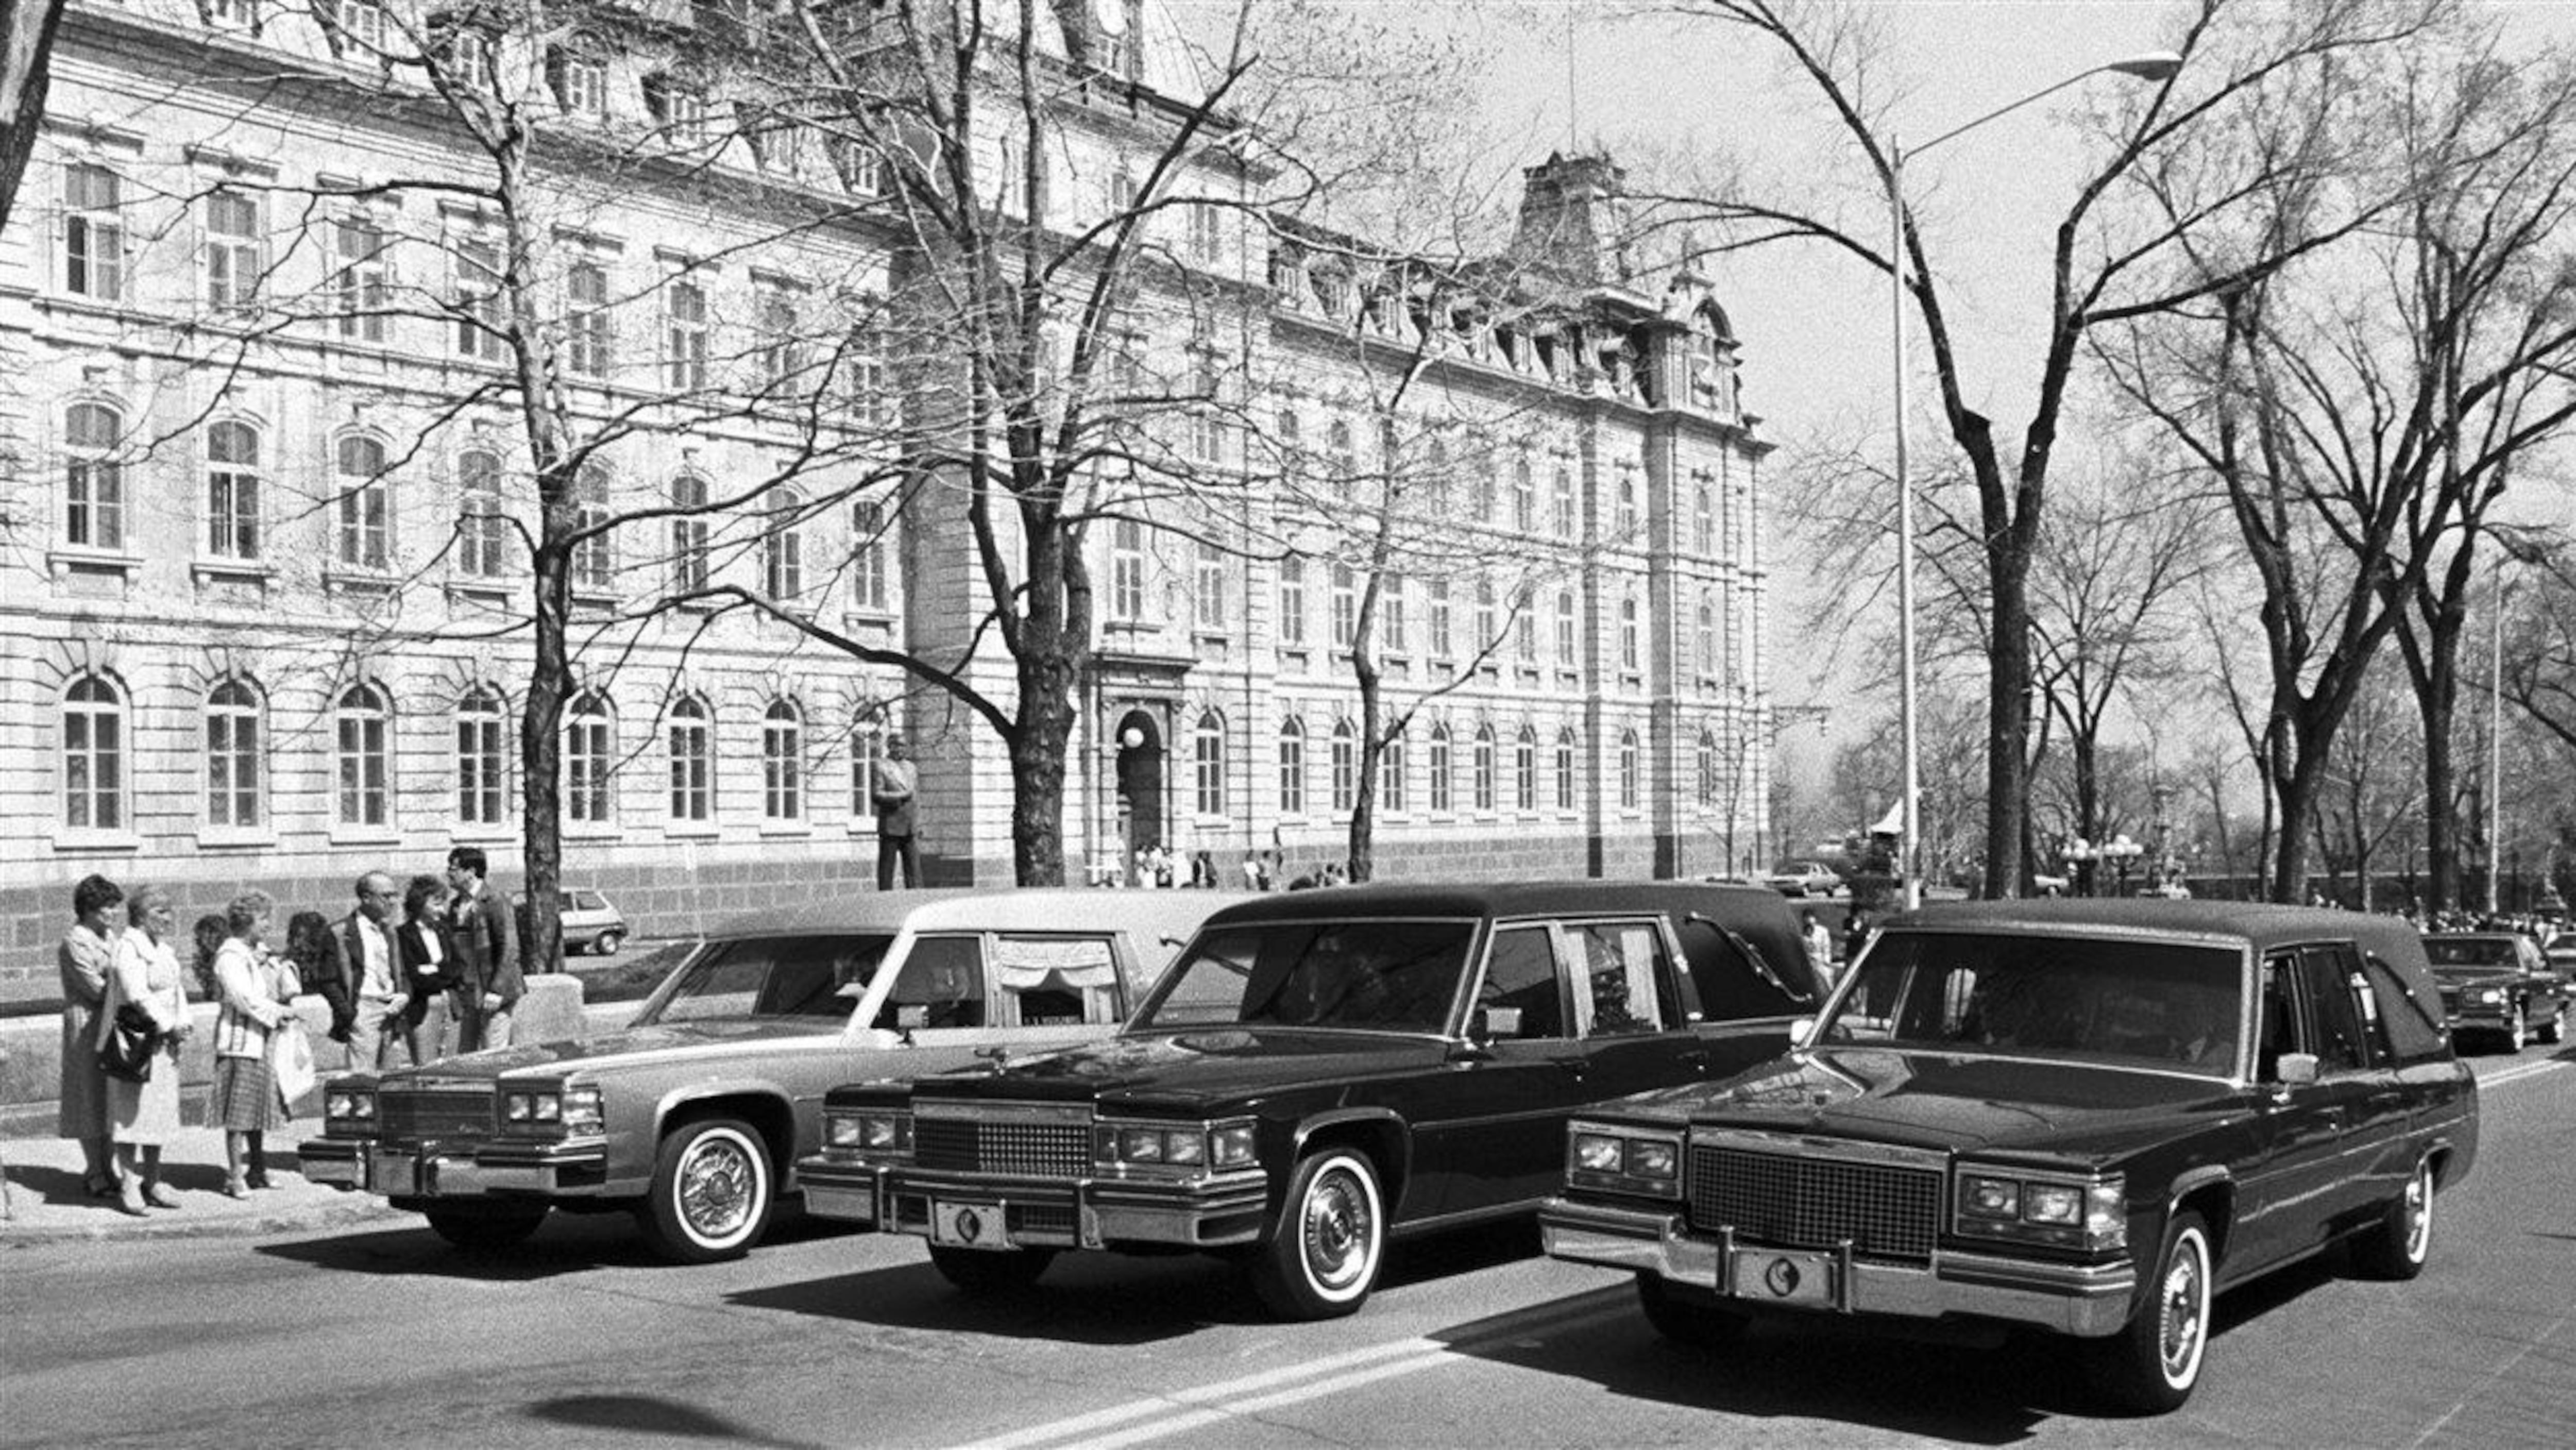 Photo en noir et blanc de trois corbillards circulant sur une rue alors que des piétons les regardent.